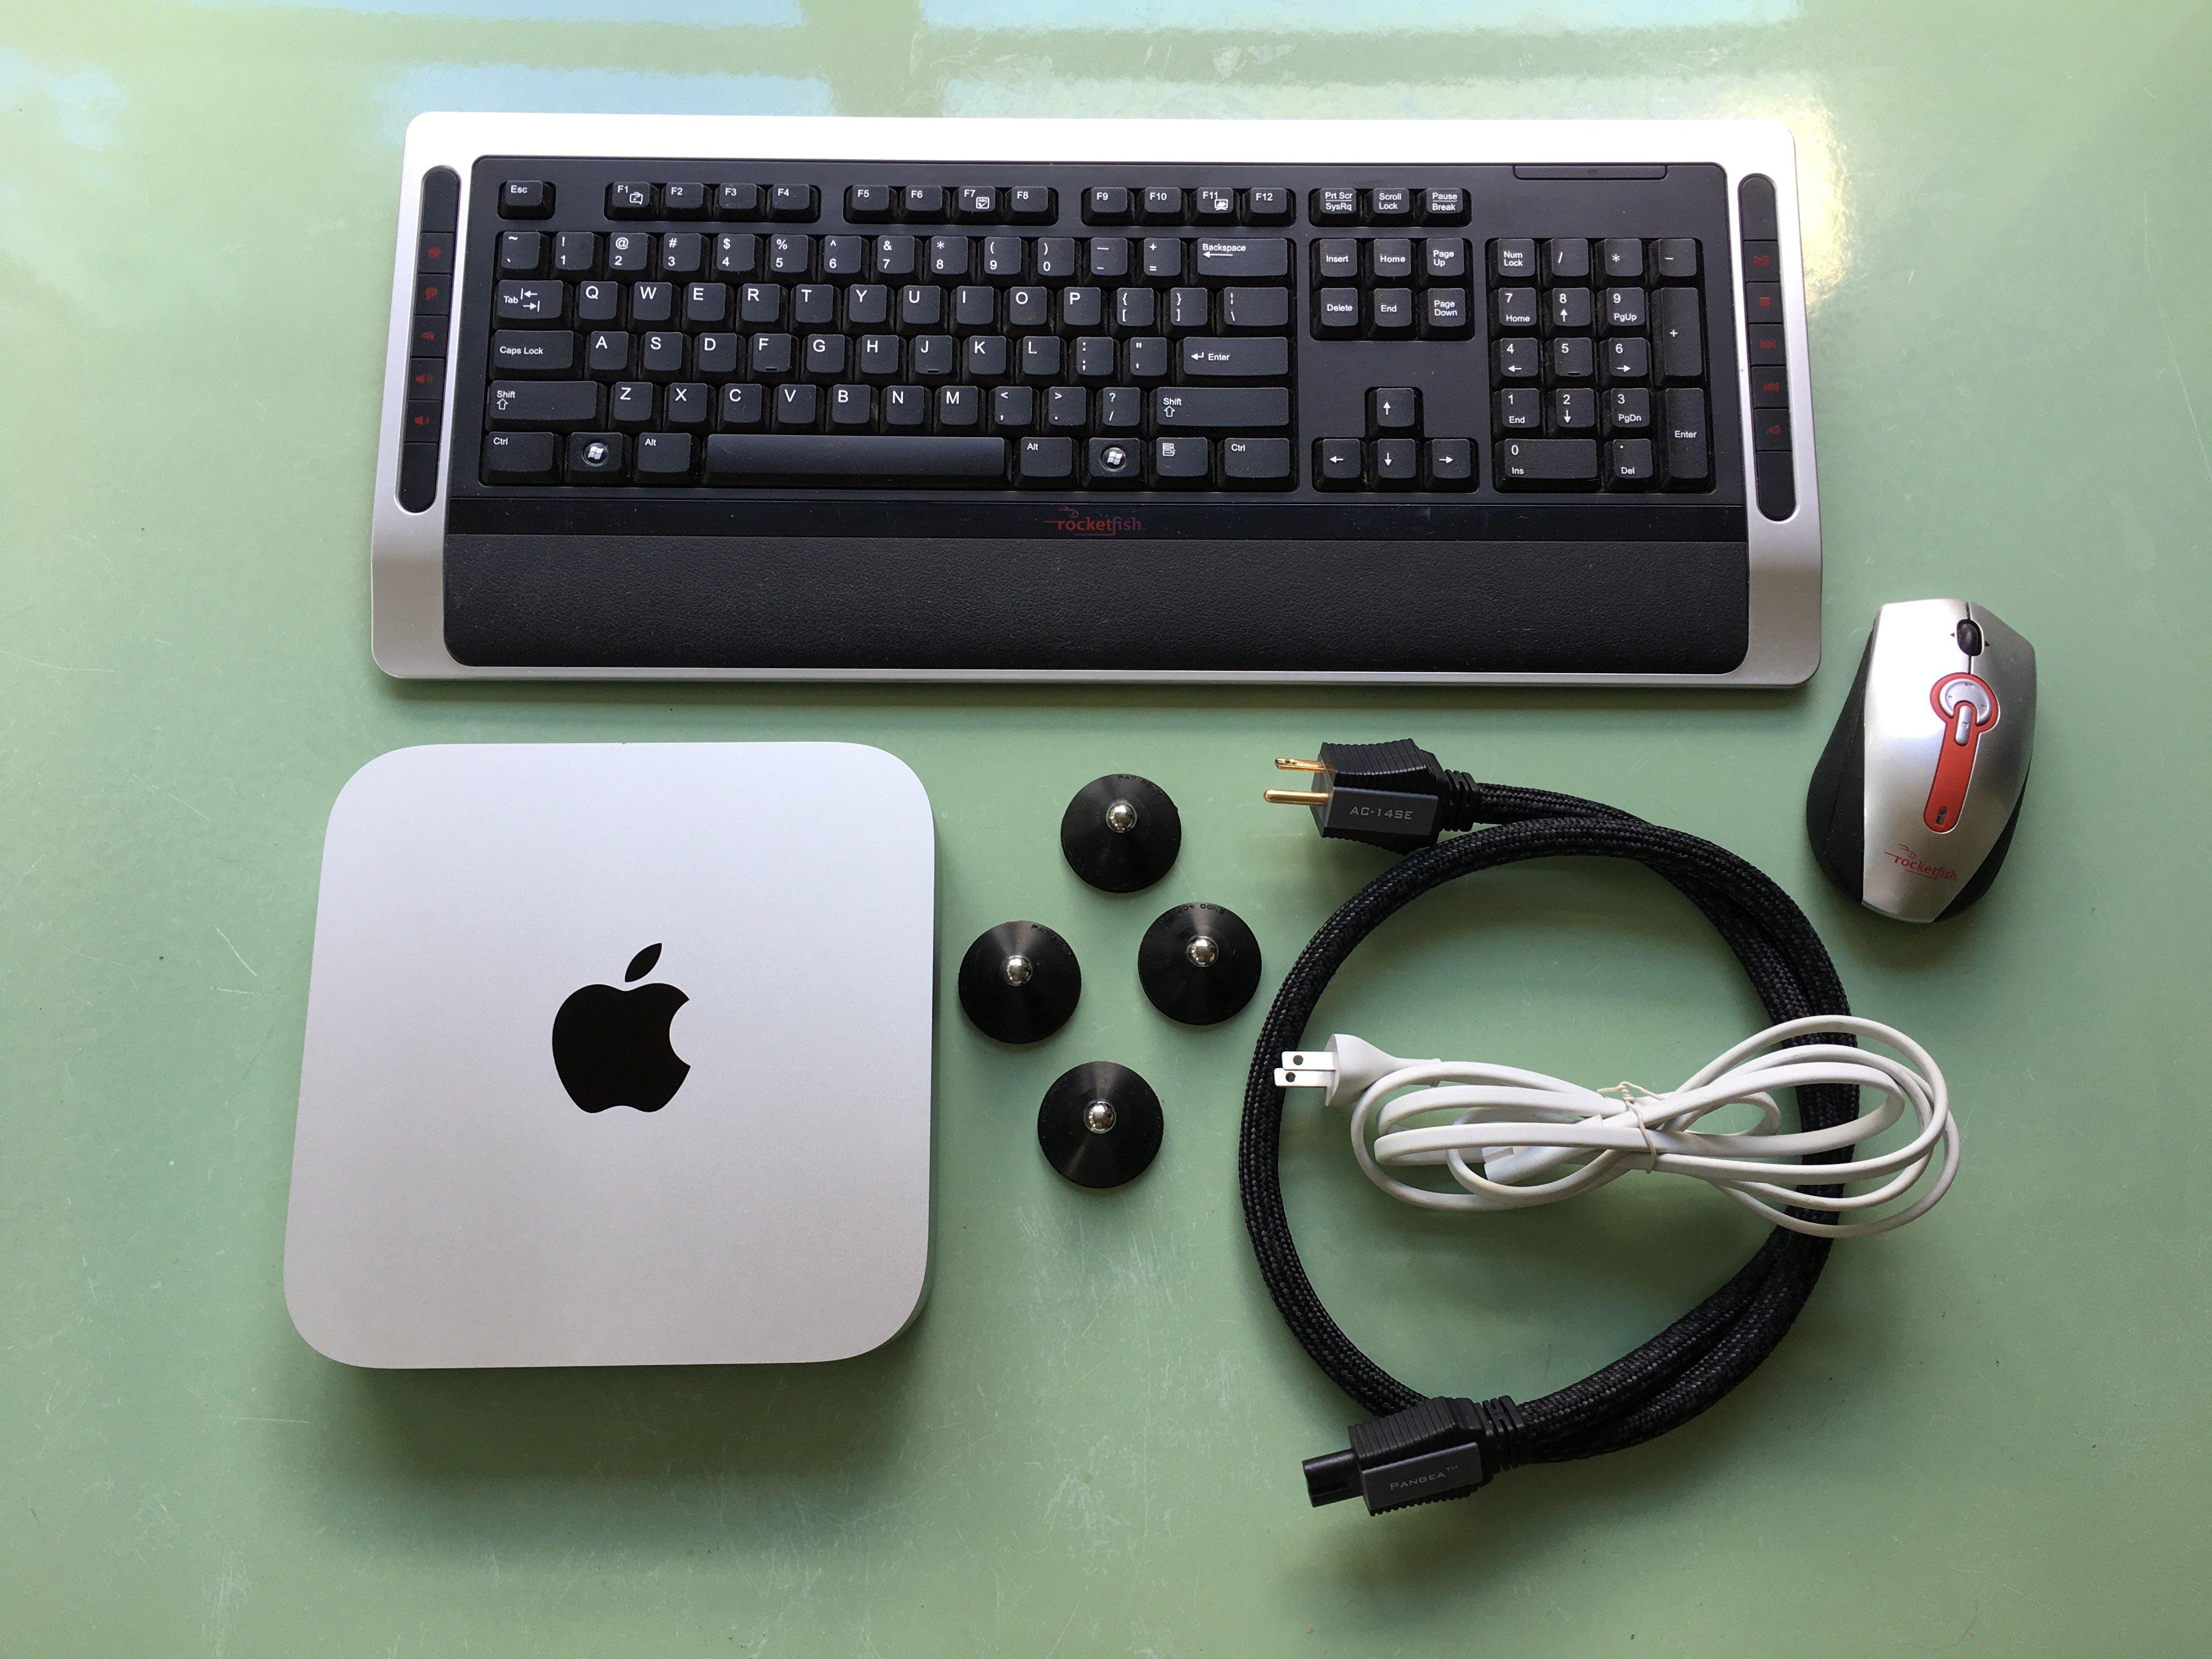 OLD: Mac Mini 2011, 8gb memory, HDD w/ 330 gb music, Pangea pc, HQ